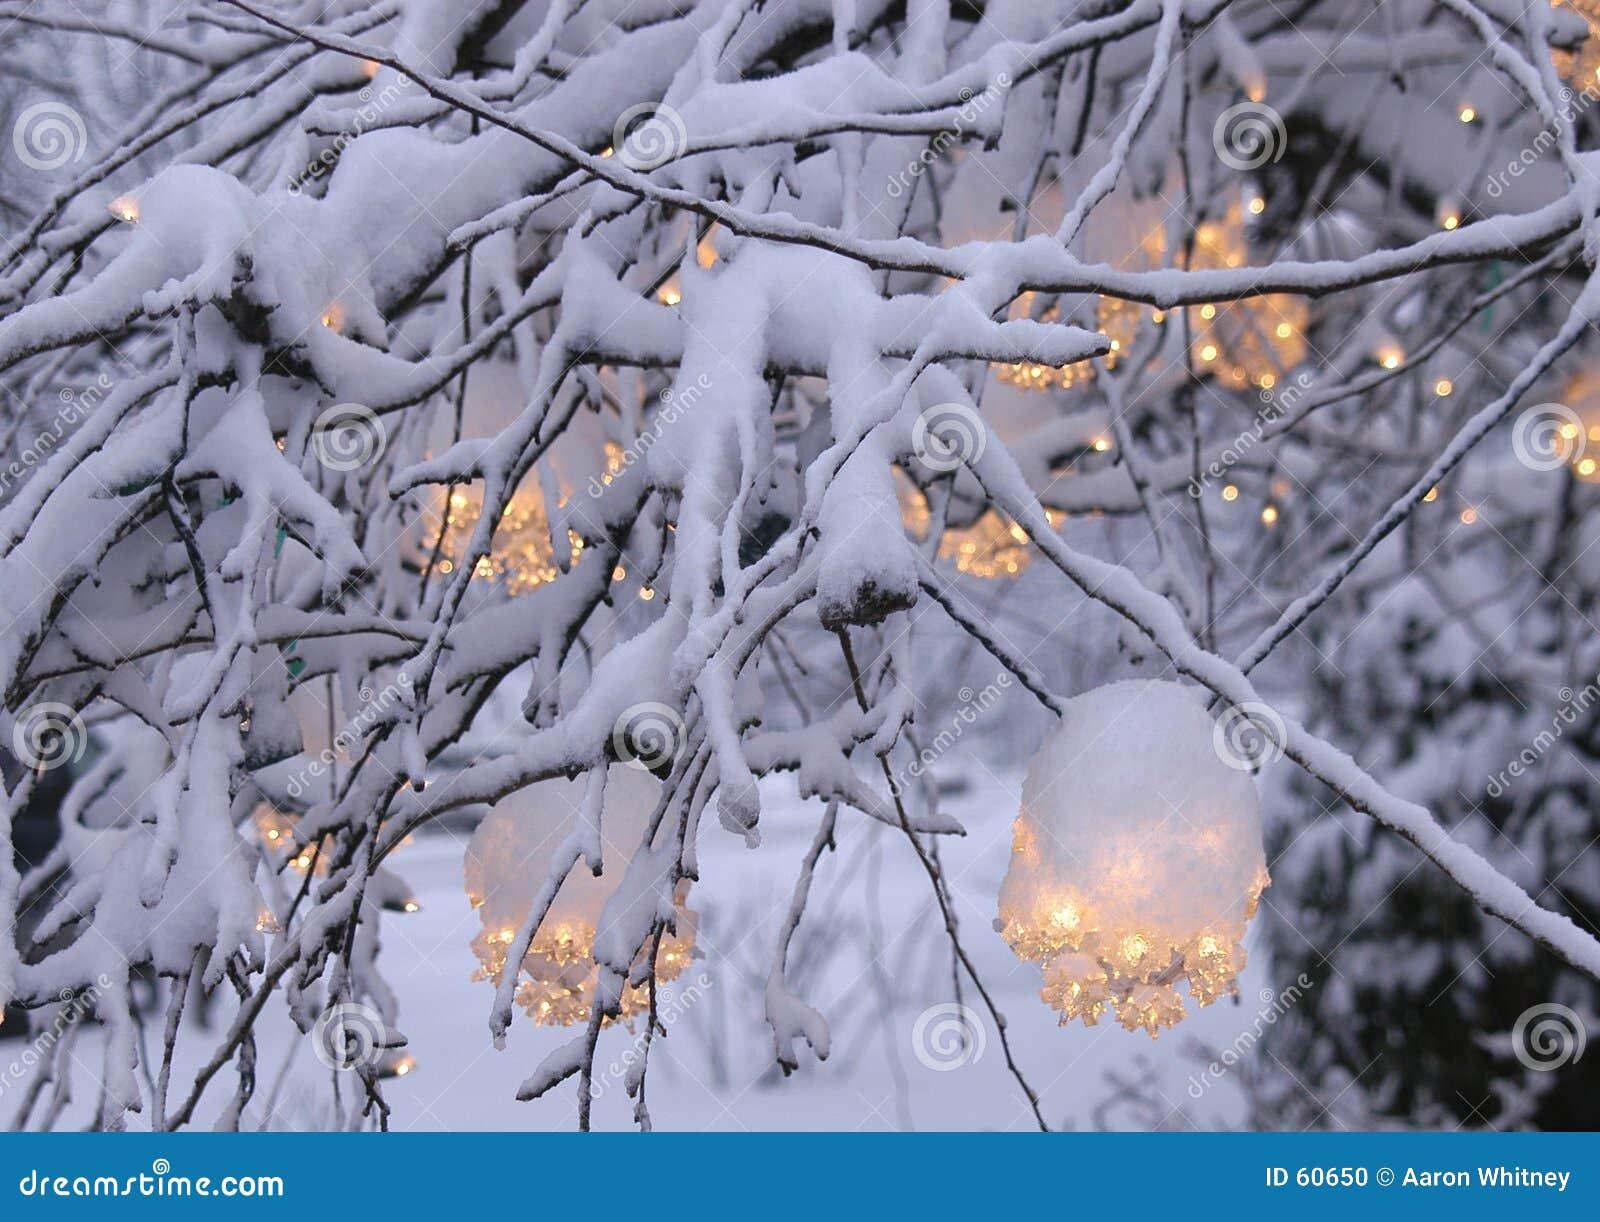 Download Lumière de Noël 2 photo stock. Image du fond, neige, lueur - 60650